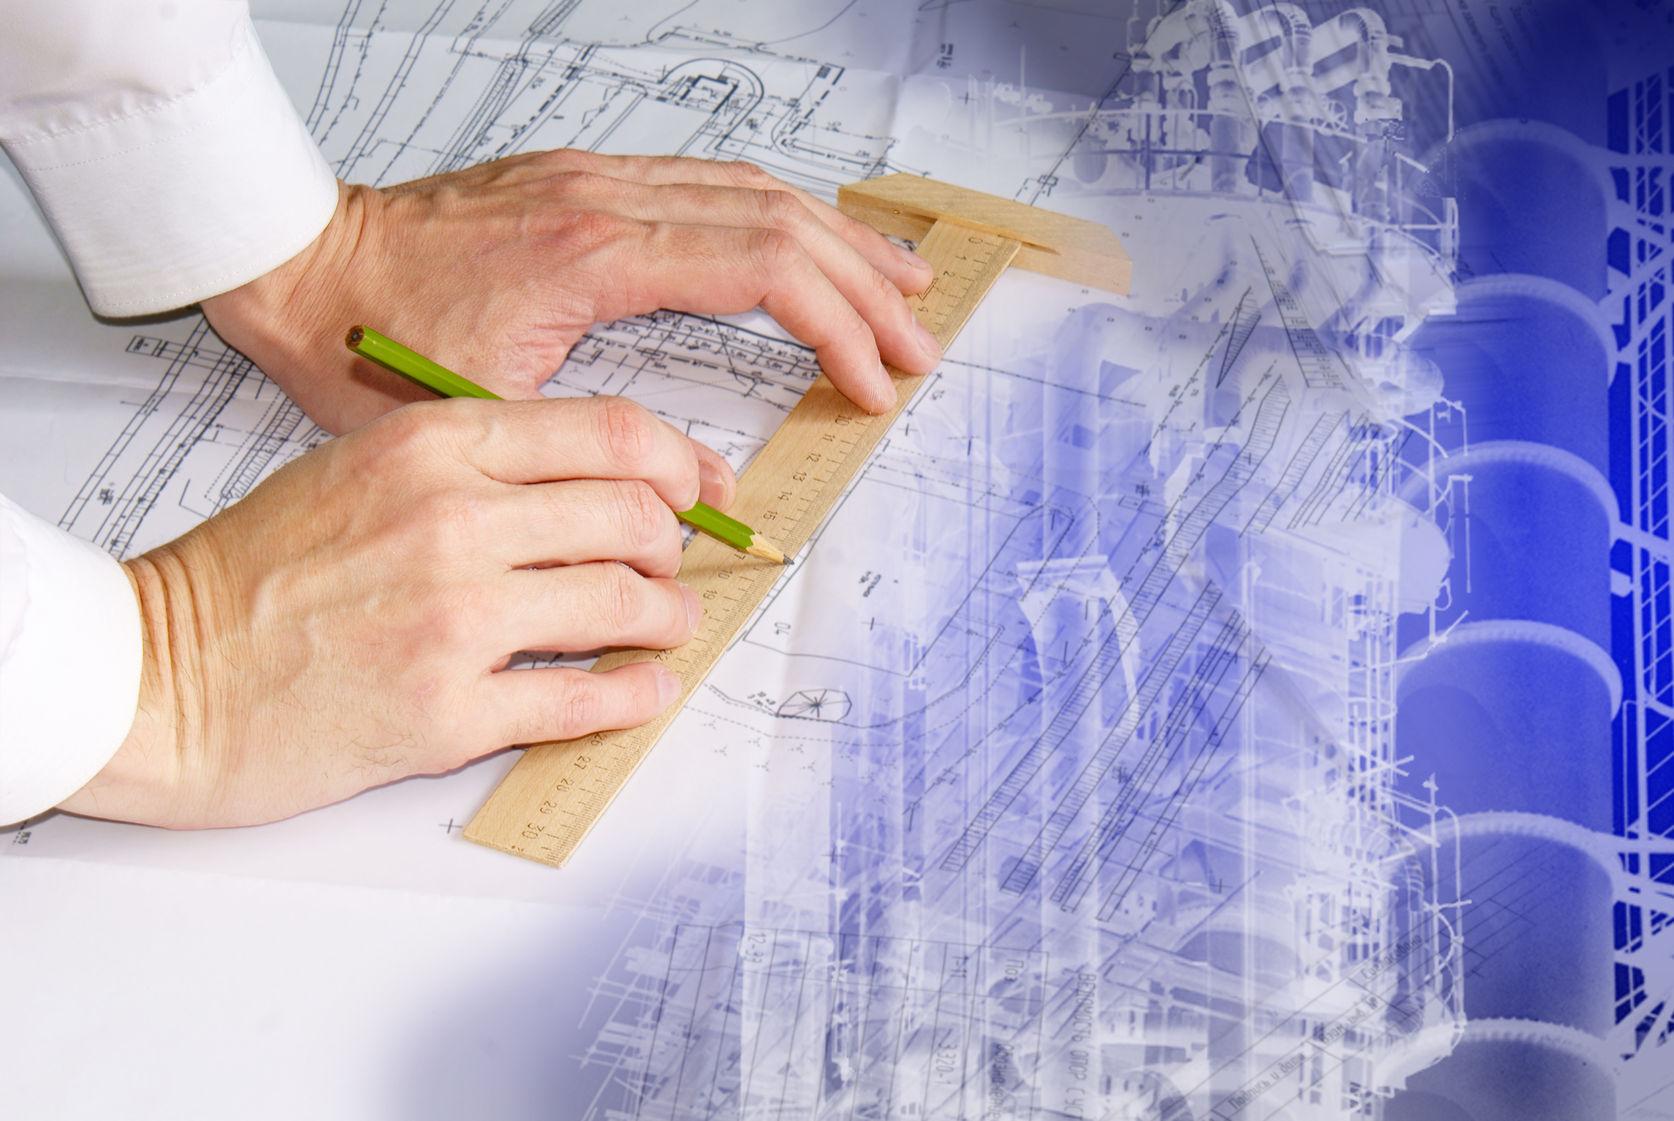 Study & Engineering